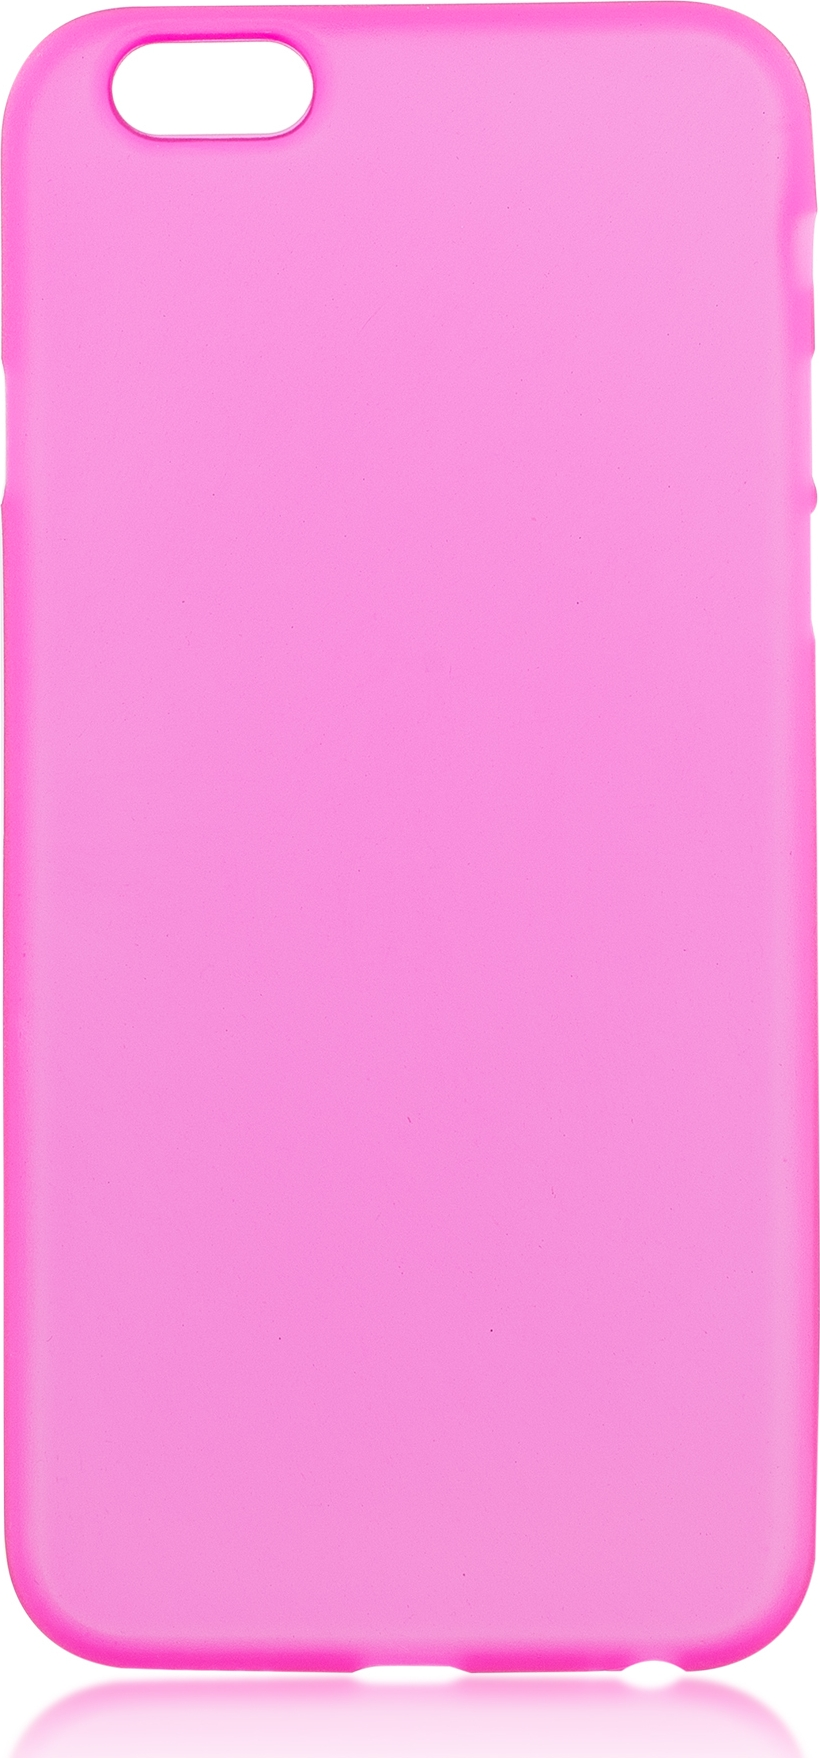 Чехол Brosco SuperSlim для Apple iPhone 6, коричневый чехол для сотового телефона brosco superslim для iphone 6 plus ip6p pp superslim blue голубой